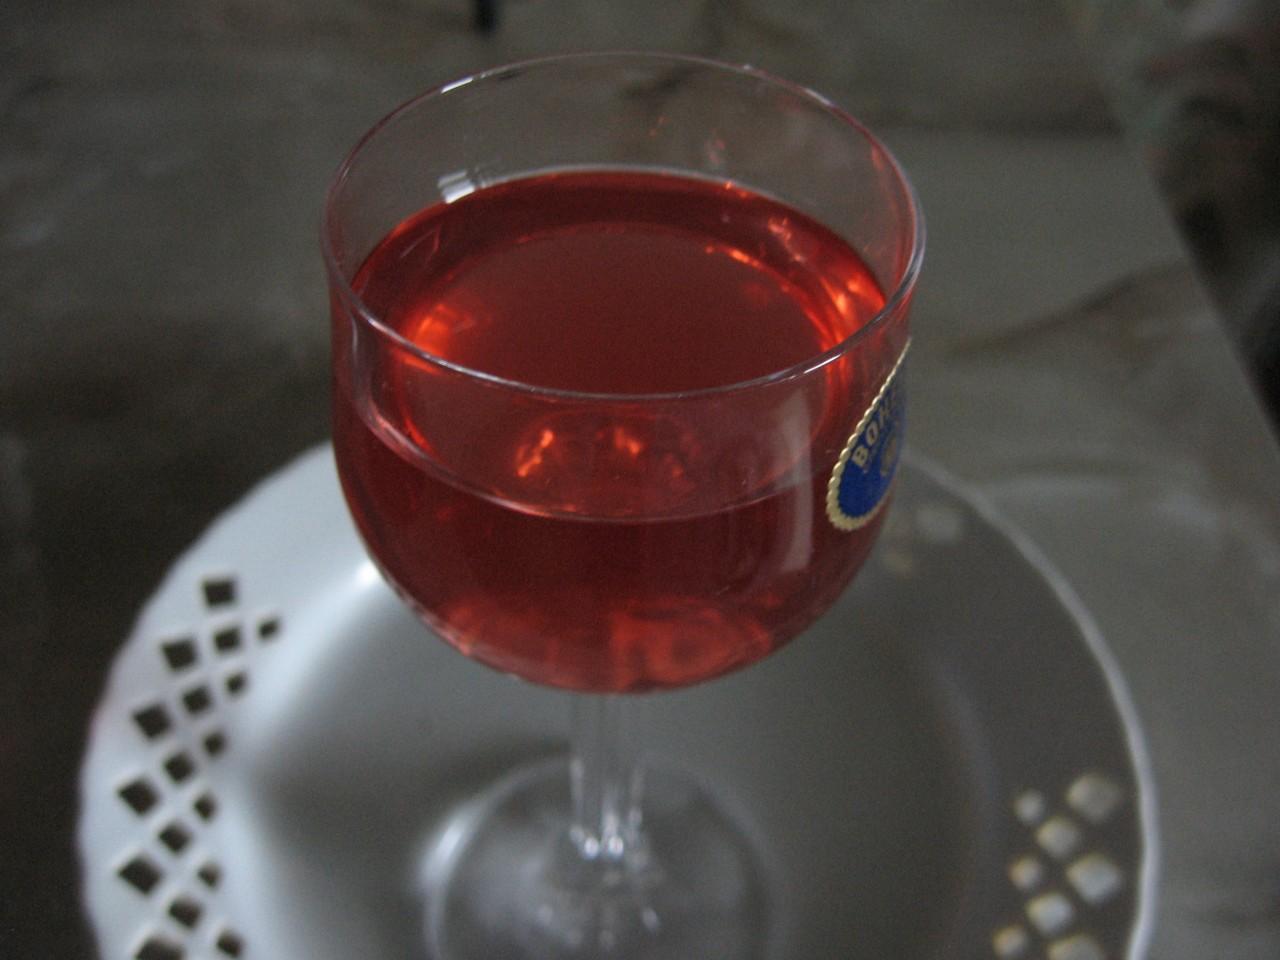 Рецепт как сделать домашнее вино из малинового варенья